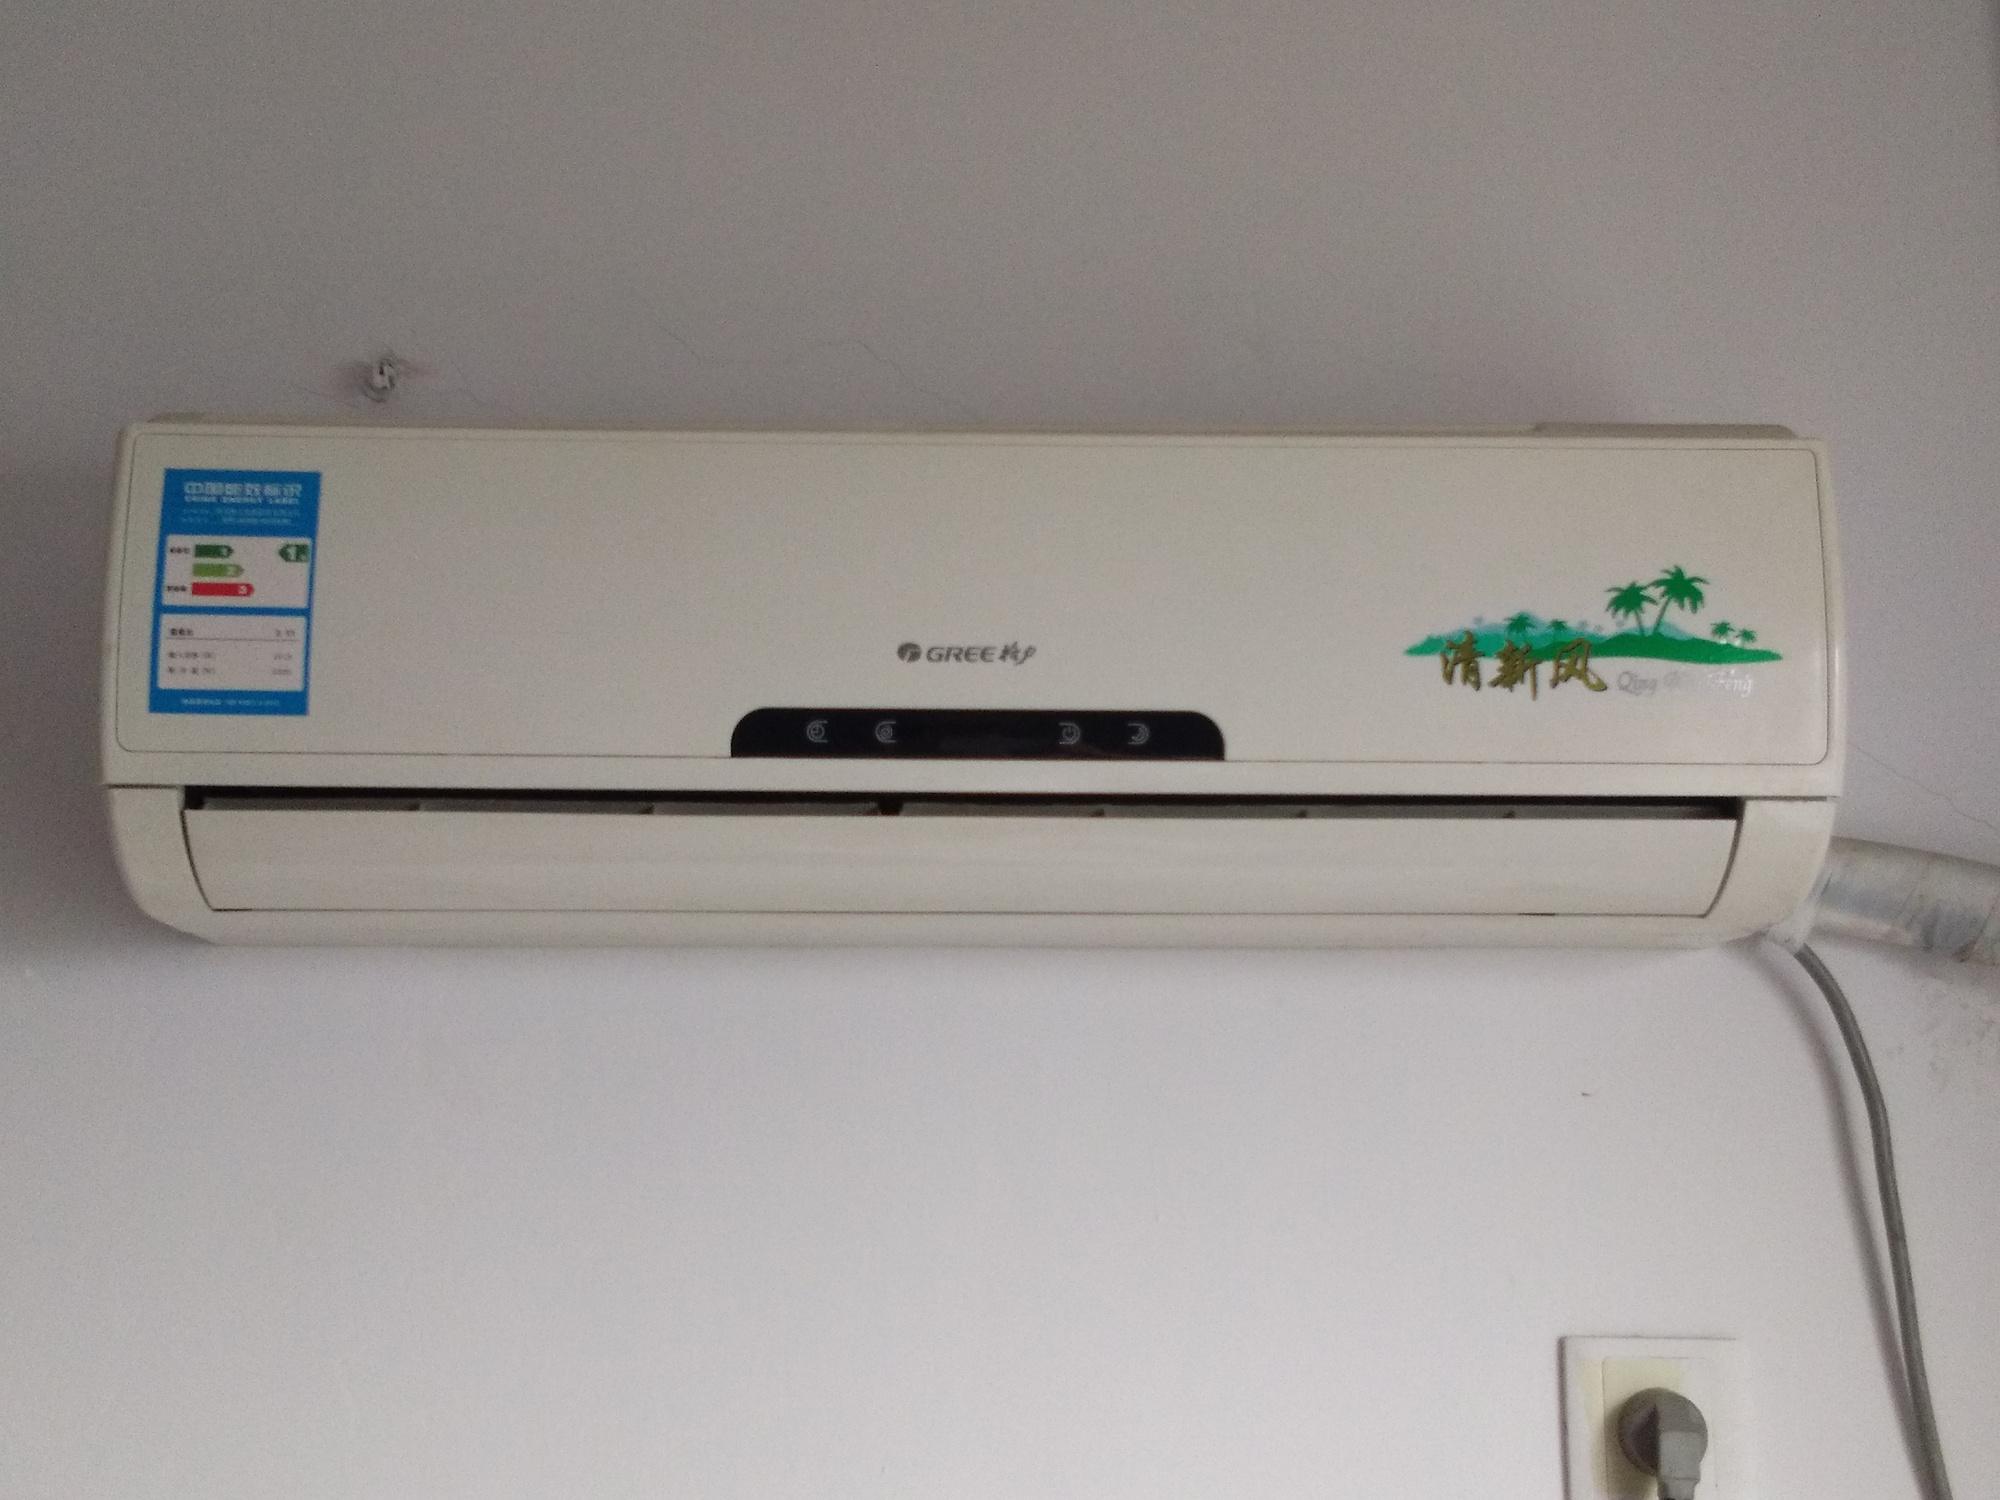 格力空调制热没有反应—格力空调制热故障原因